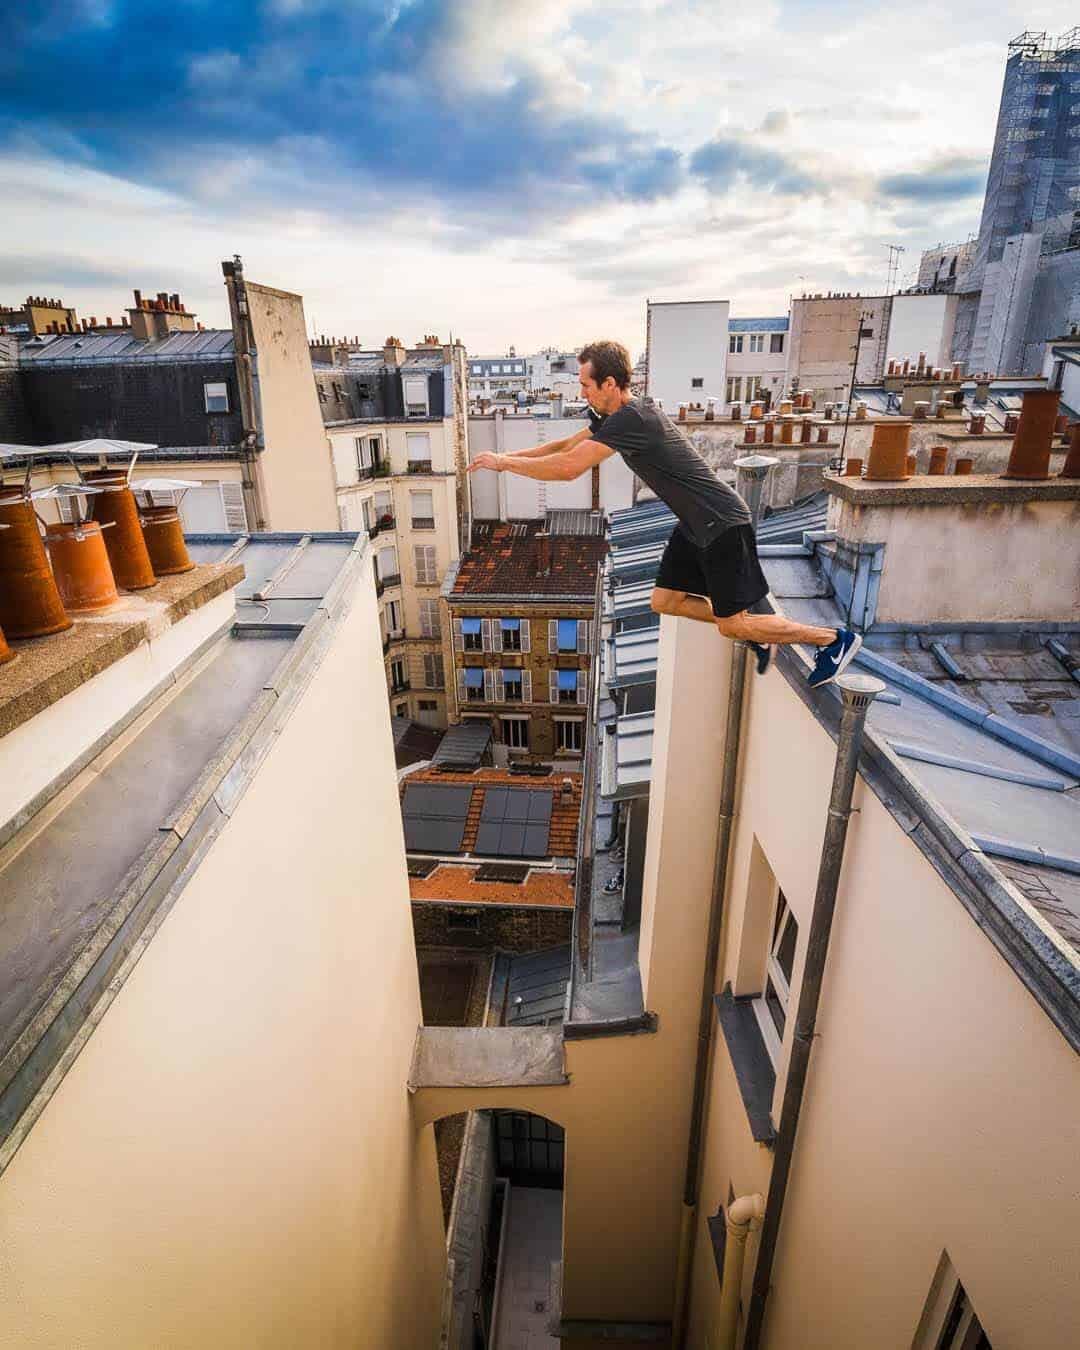 etrefort thibaut parkour clothing outdor paris rooftop pov armjump